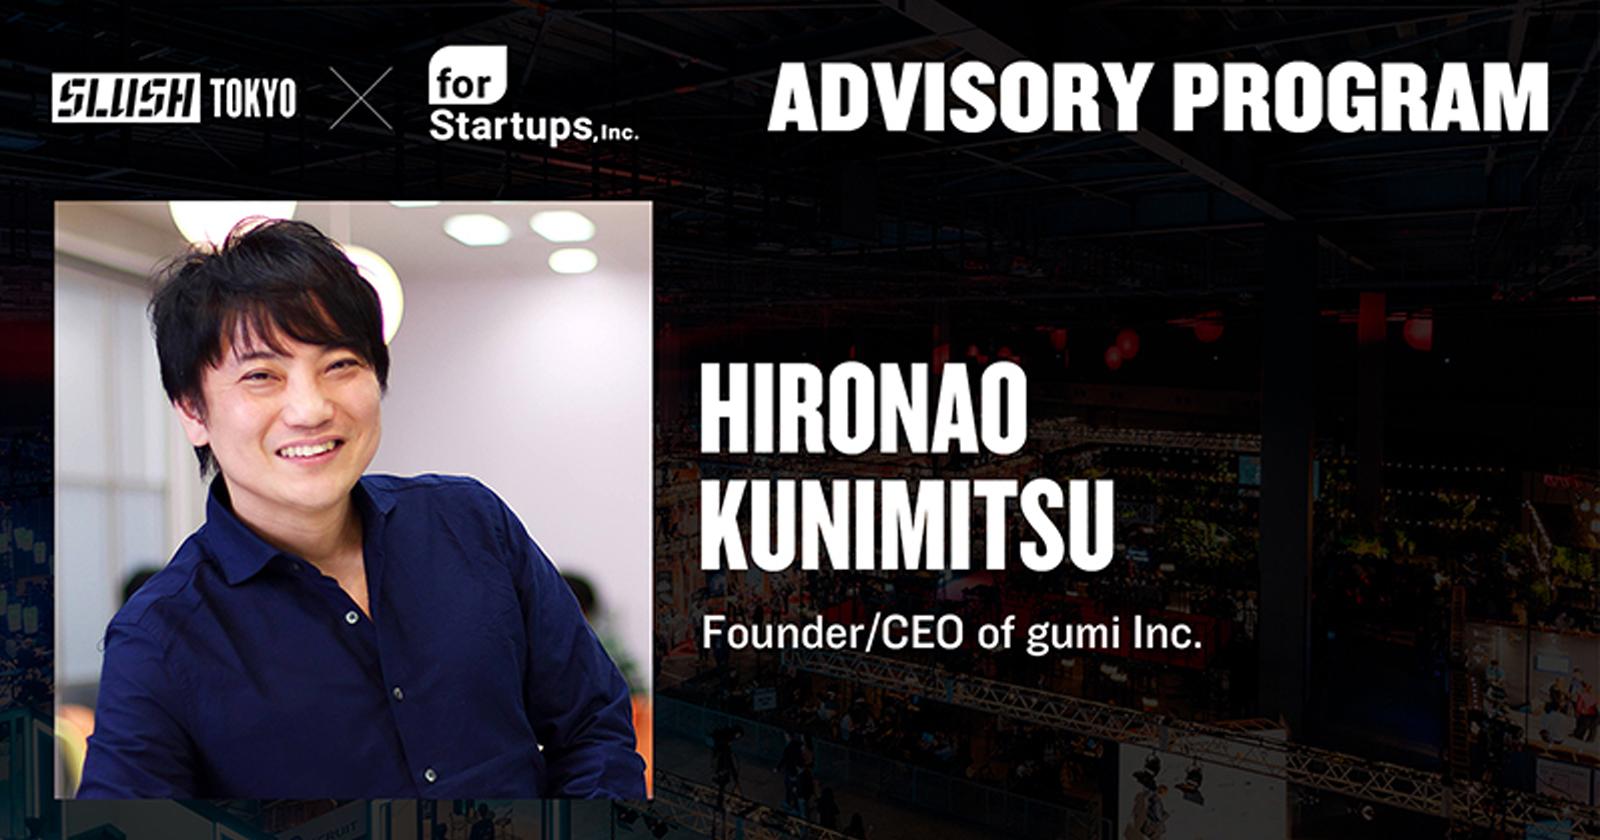 フォースタートアップスとSLUSH TOKYOが共同プロデュースする Slush Tokyo 2019 「Advisory Program」に、株式会社gumi代表取締役会長 國光宏尚 氏の参加決定!